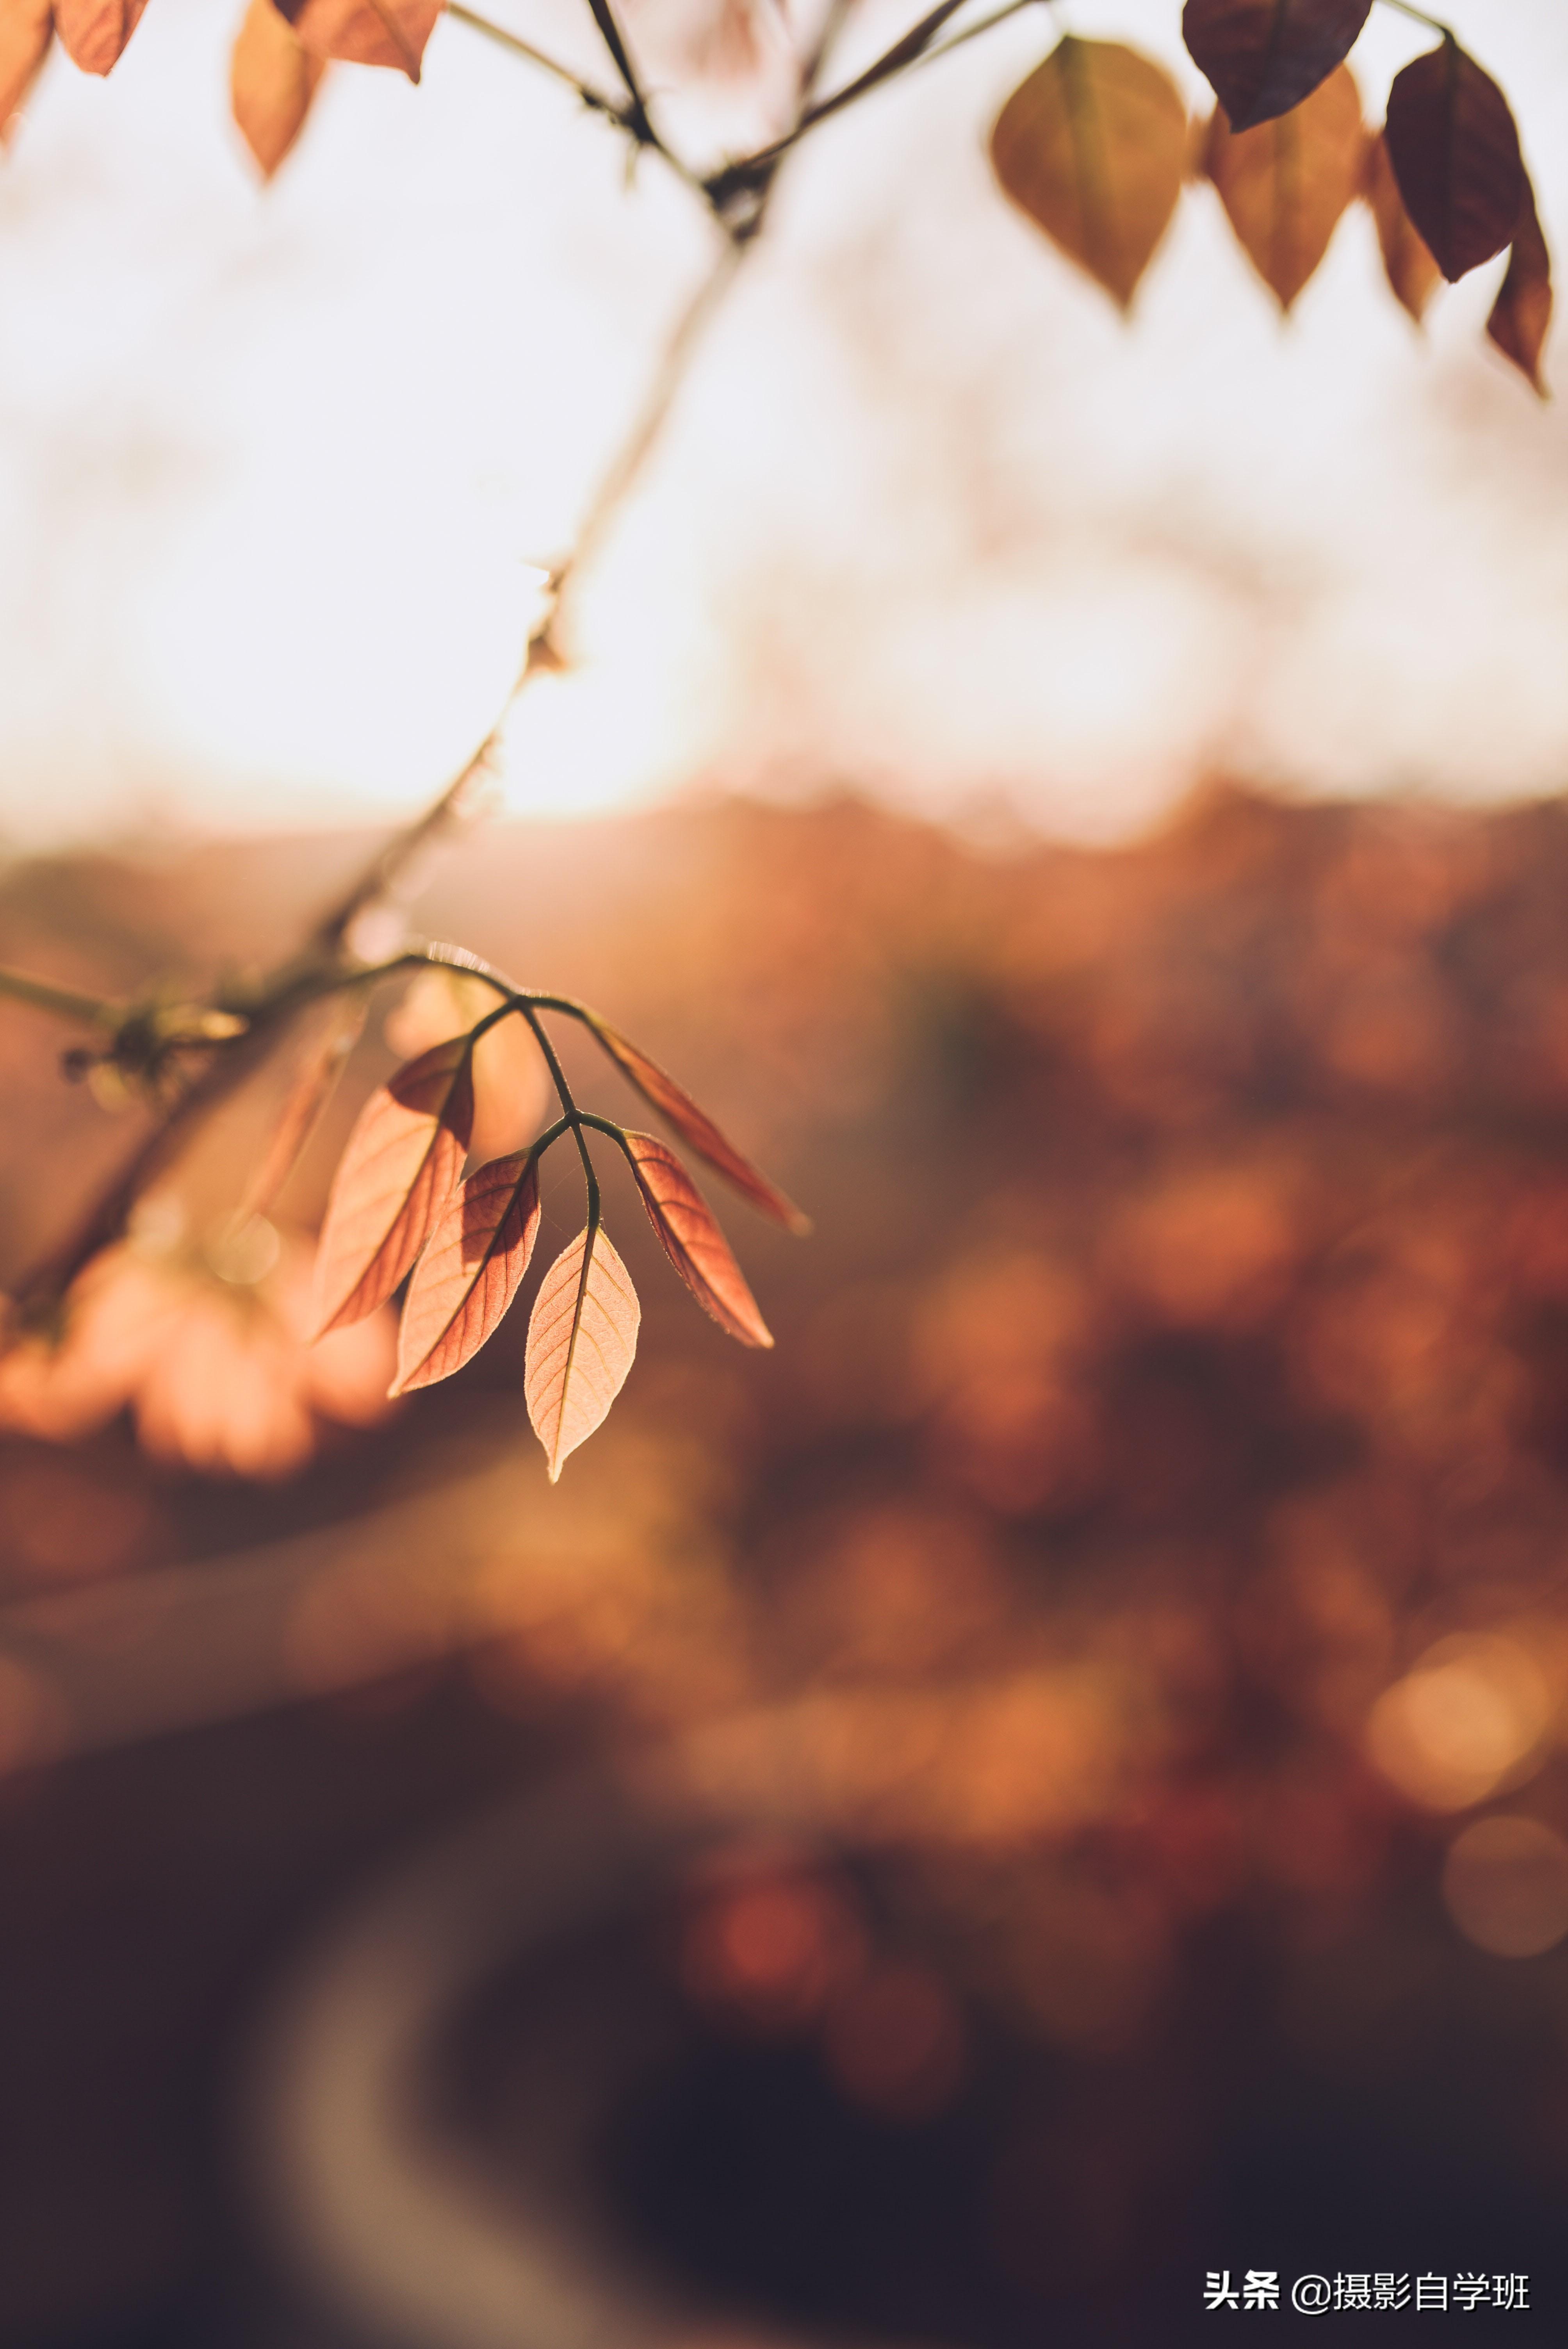 拍秋景八大技巧,用21张风光摄影作品解说,新手模仿拍就可以啦